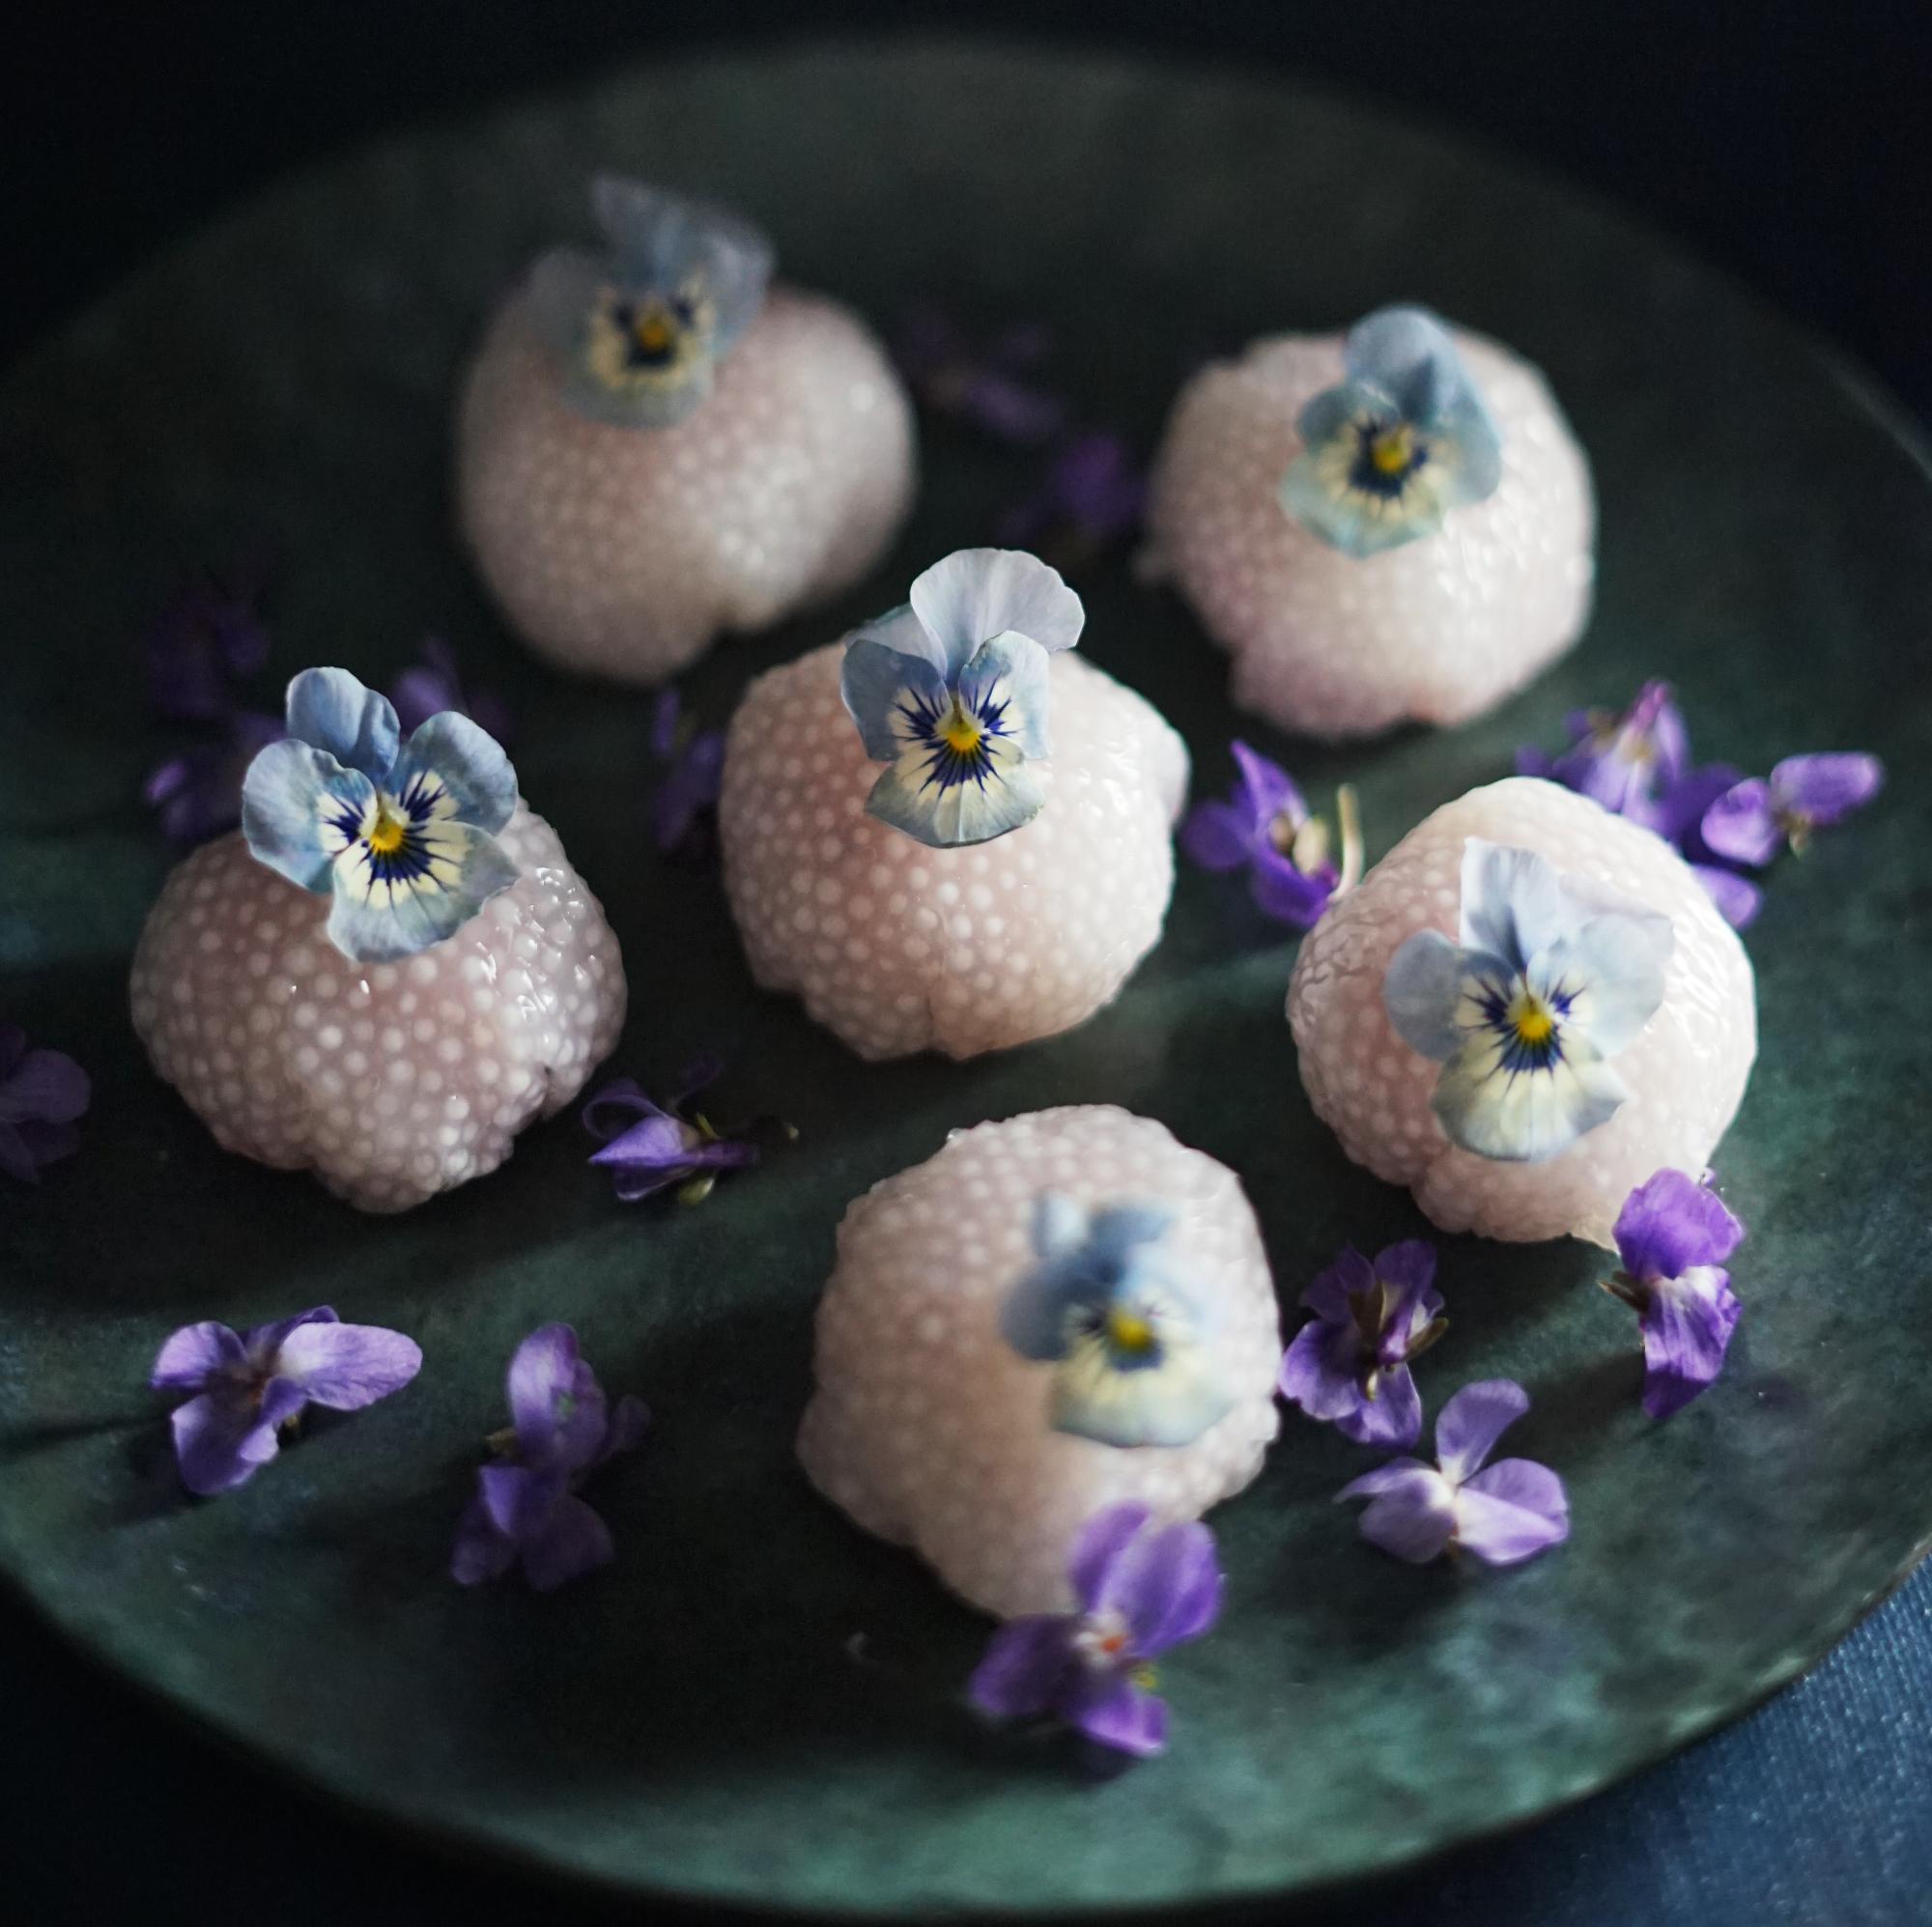 violetballs5small.jpg